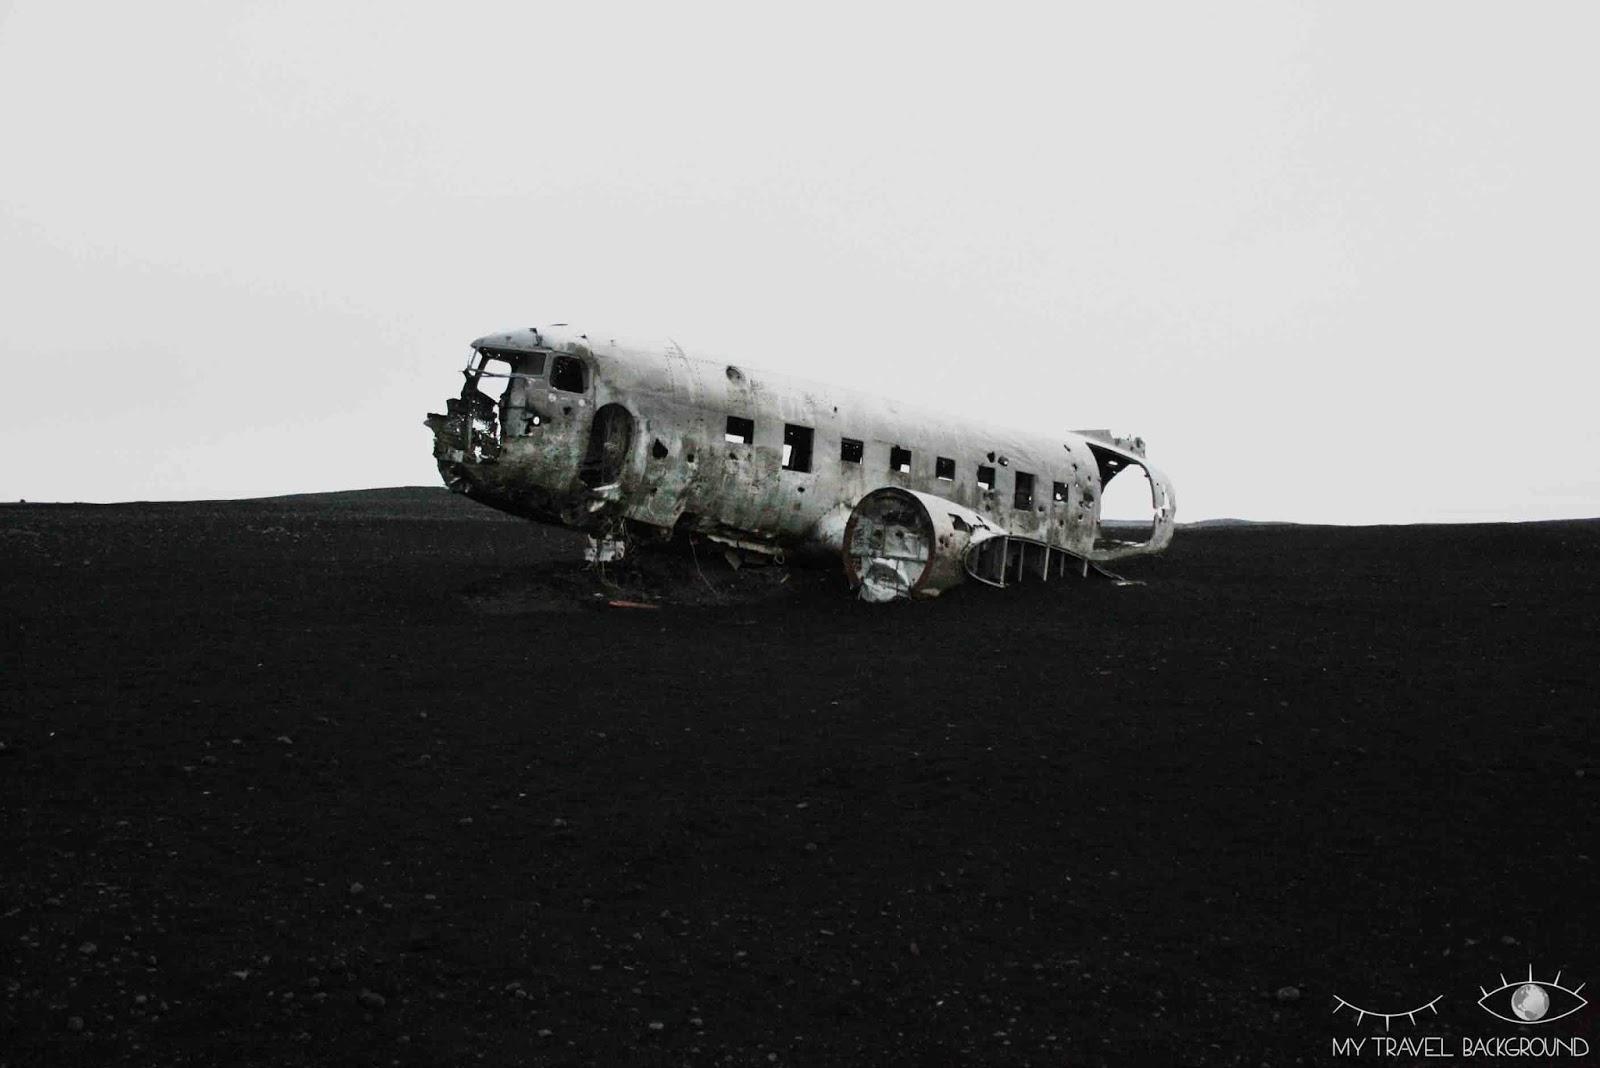 My Travel Background : 18 lieux à découvrir absolument en Islande, marcher dans le désert jusqu'au DC-3 de l'armée américaine